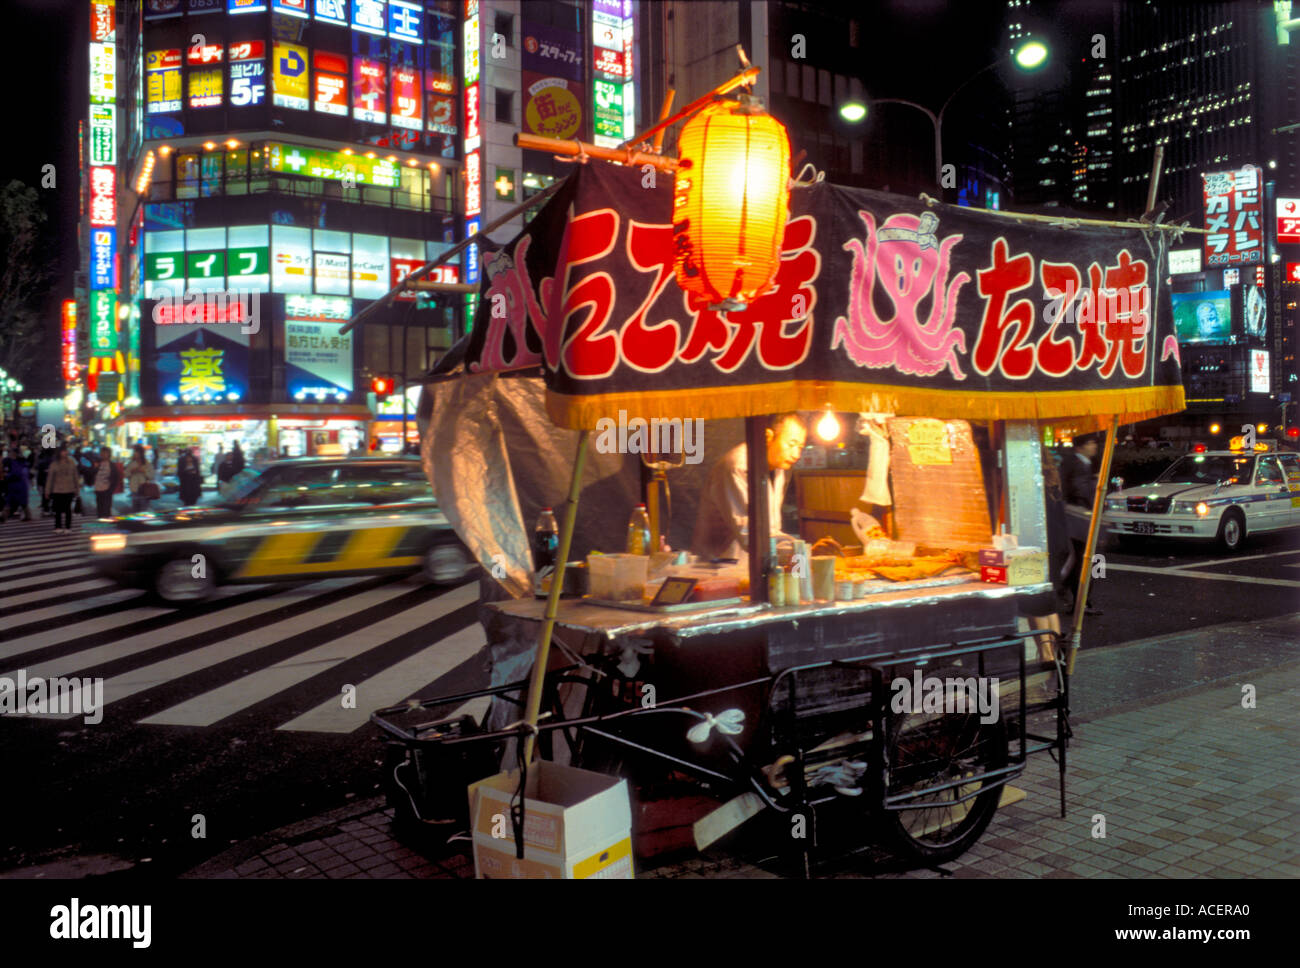 Venta de carro takoyaki pulpo bolas en la esquina de la calle en el centro de Tokio por la noche Imagen De Stock